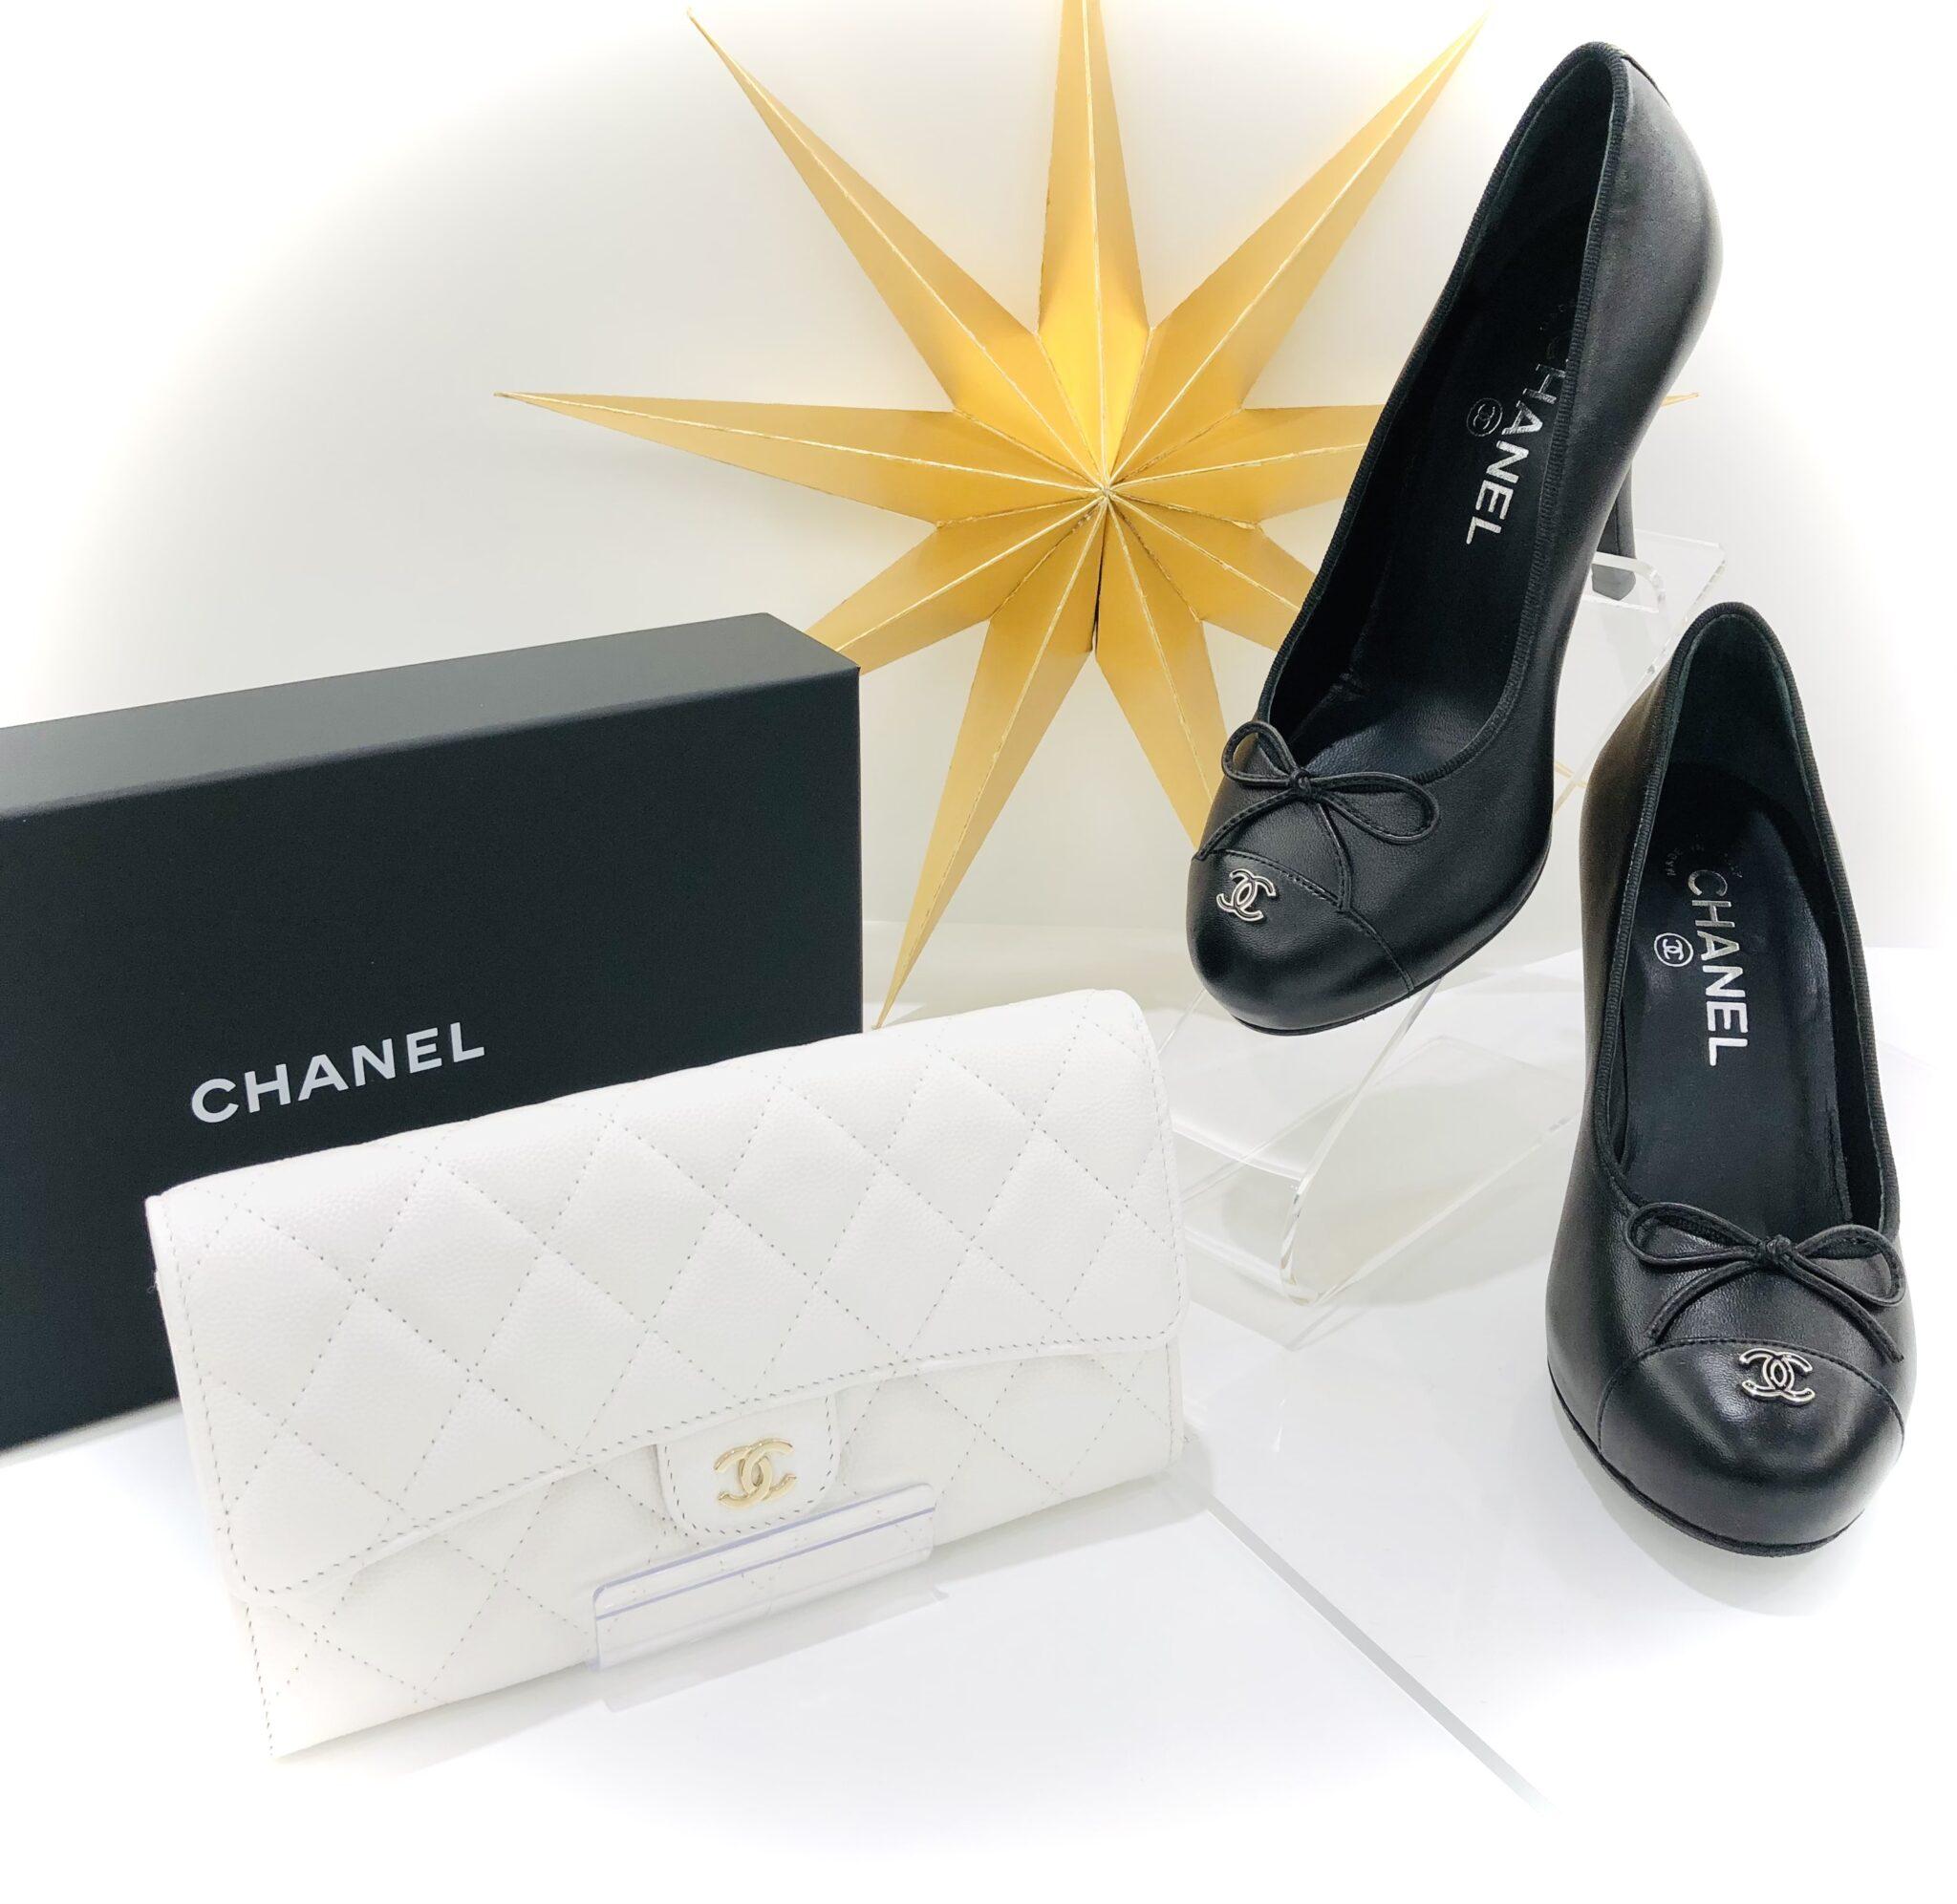 【シャネル 販売 盛岡】自分へのご褒美に✨憧れのブランドCHANELの長財布とパンプス